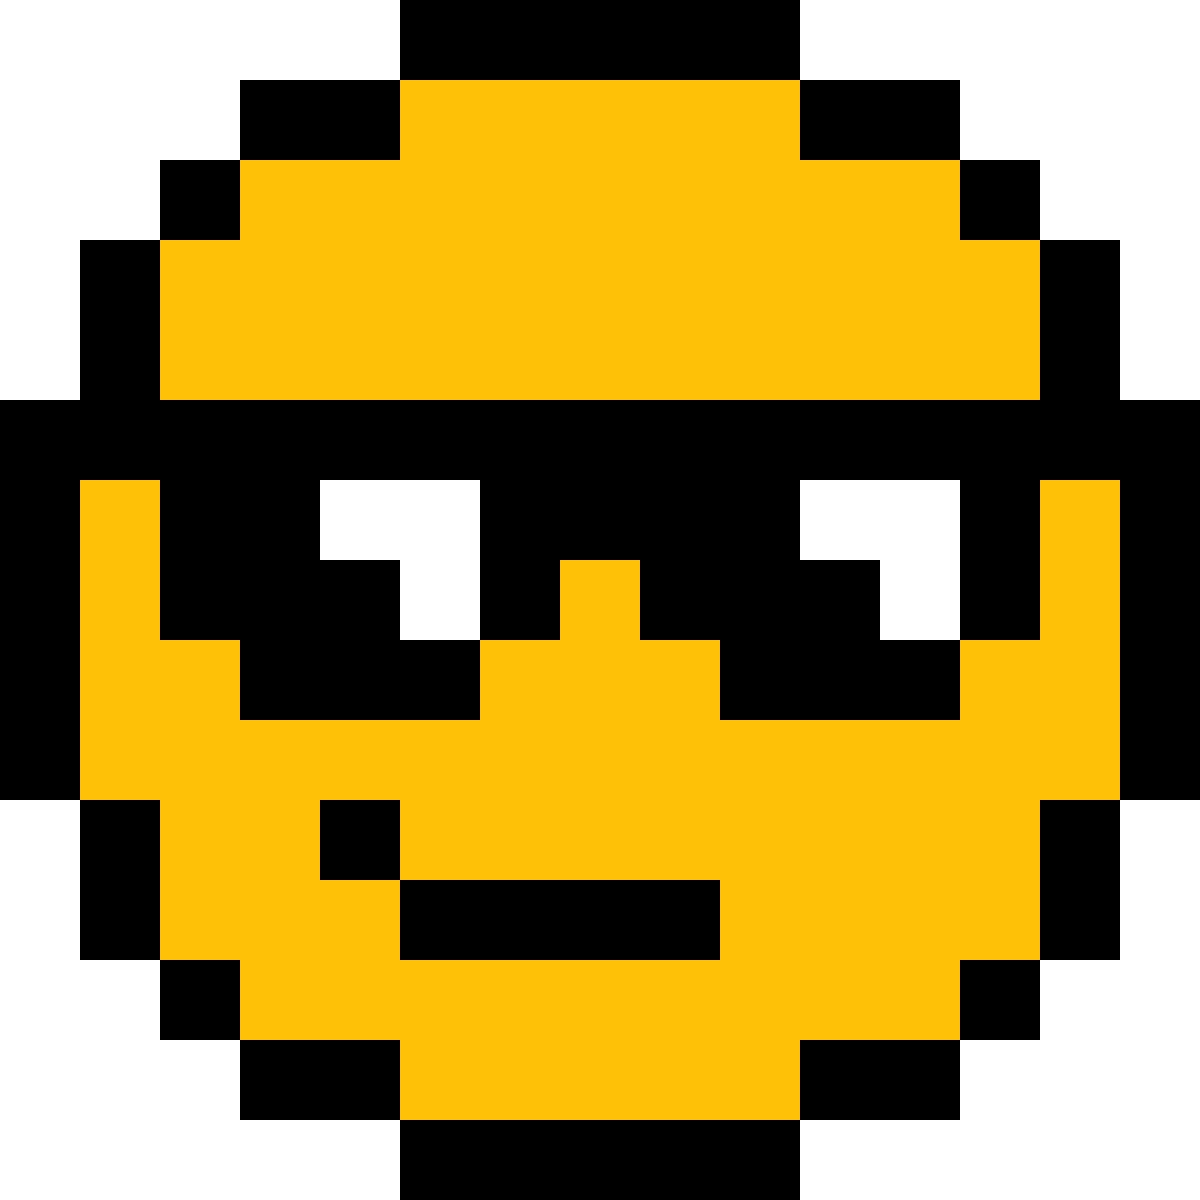 main-image-Sunglasses Emoji  by GamerXX